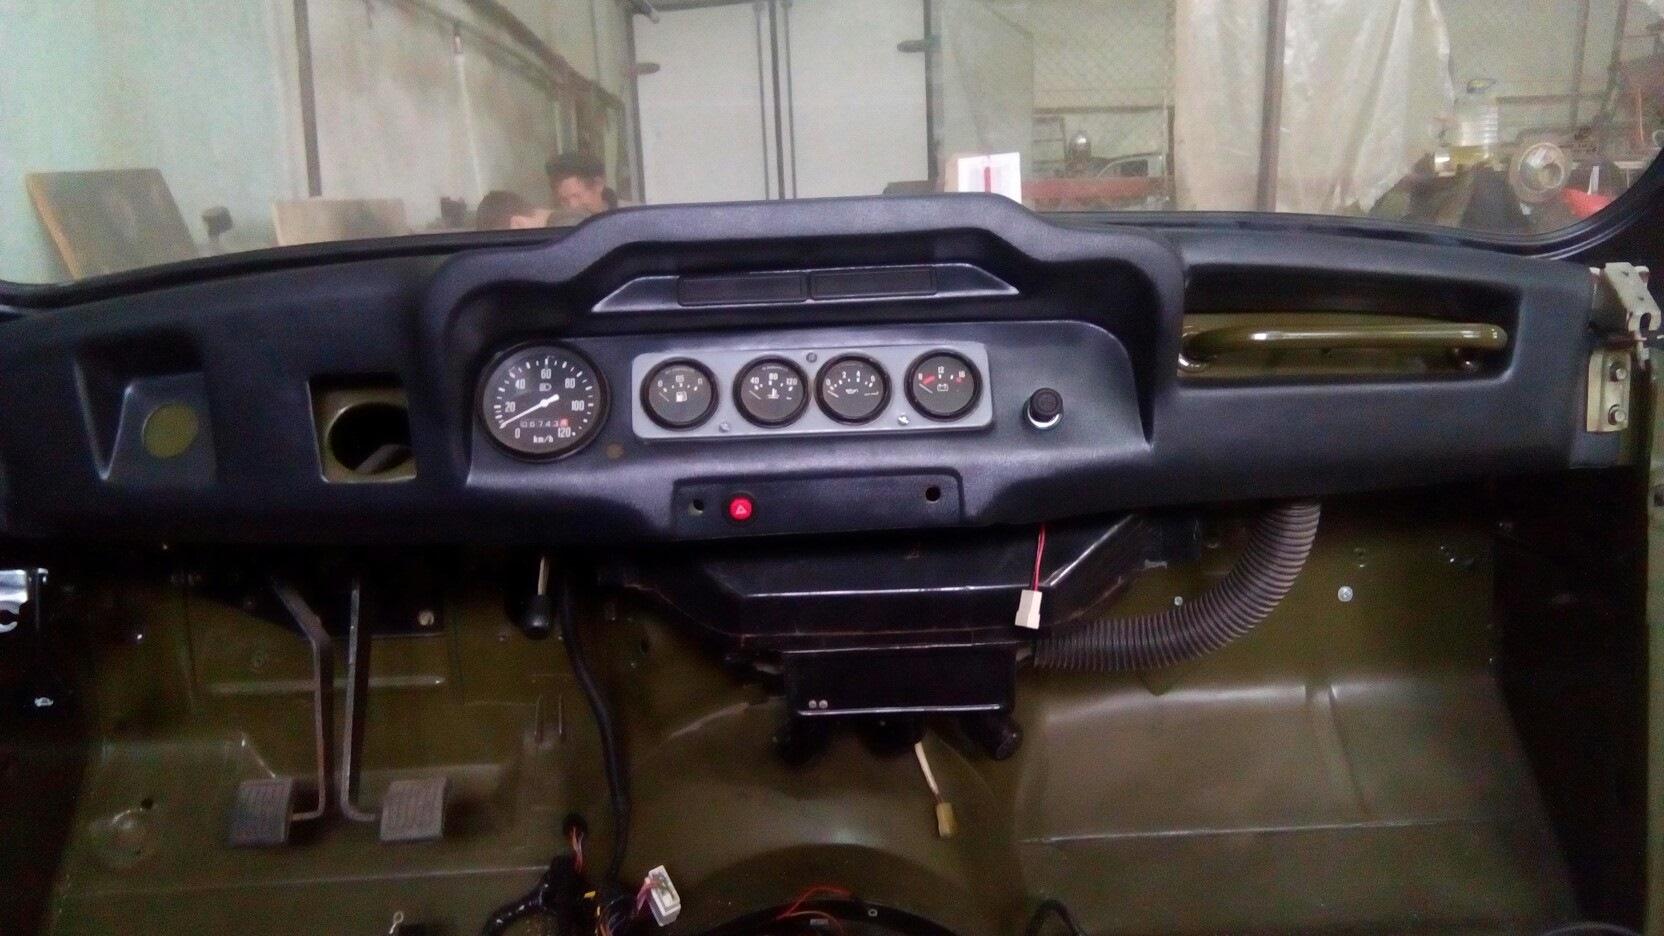 панель приборов на уаз хантер фото направляет бинокль